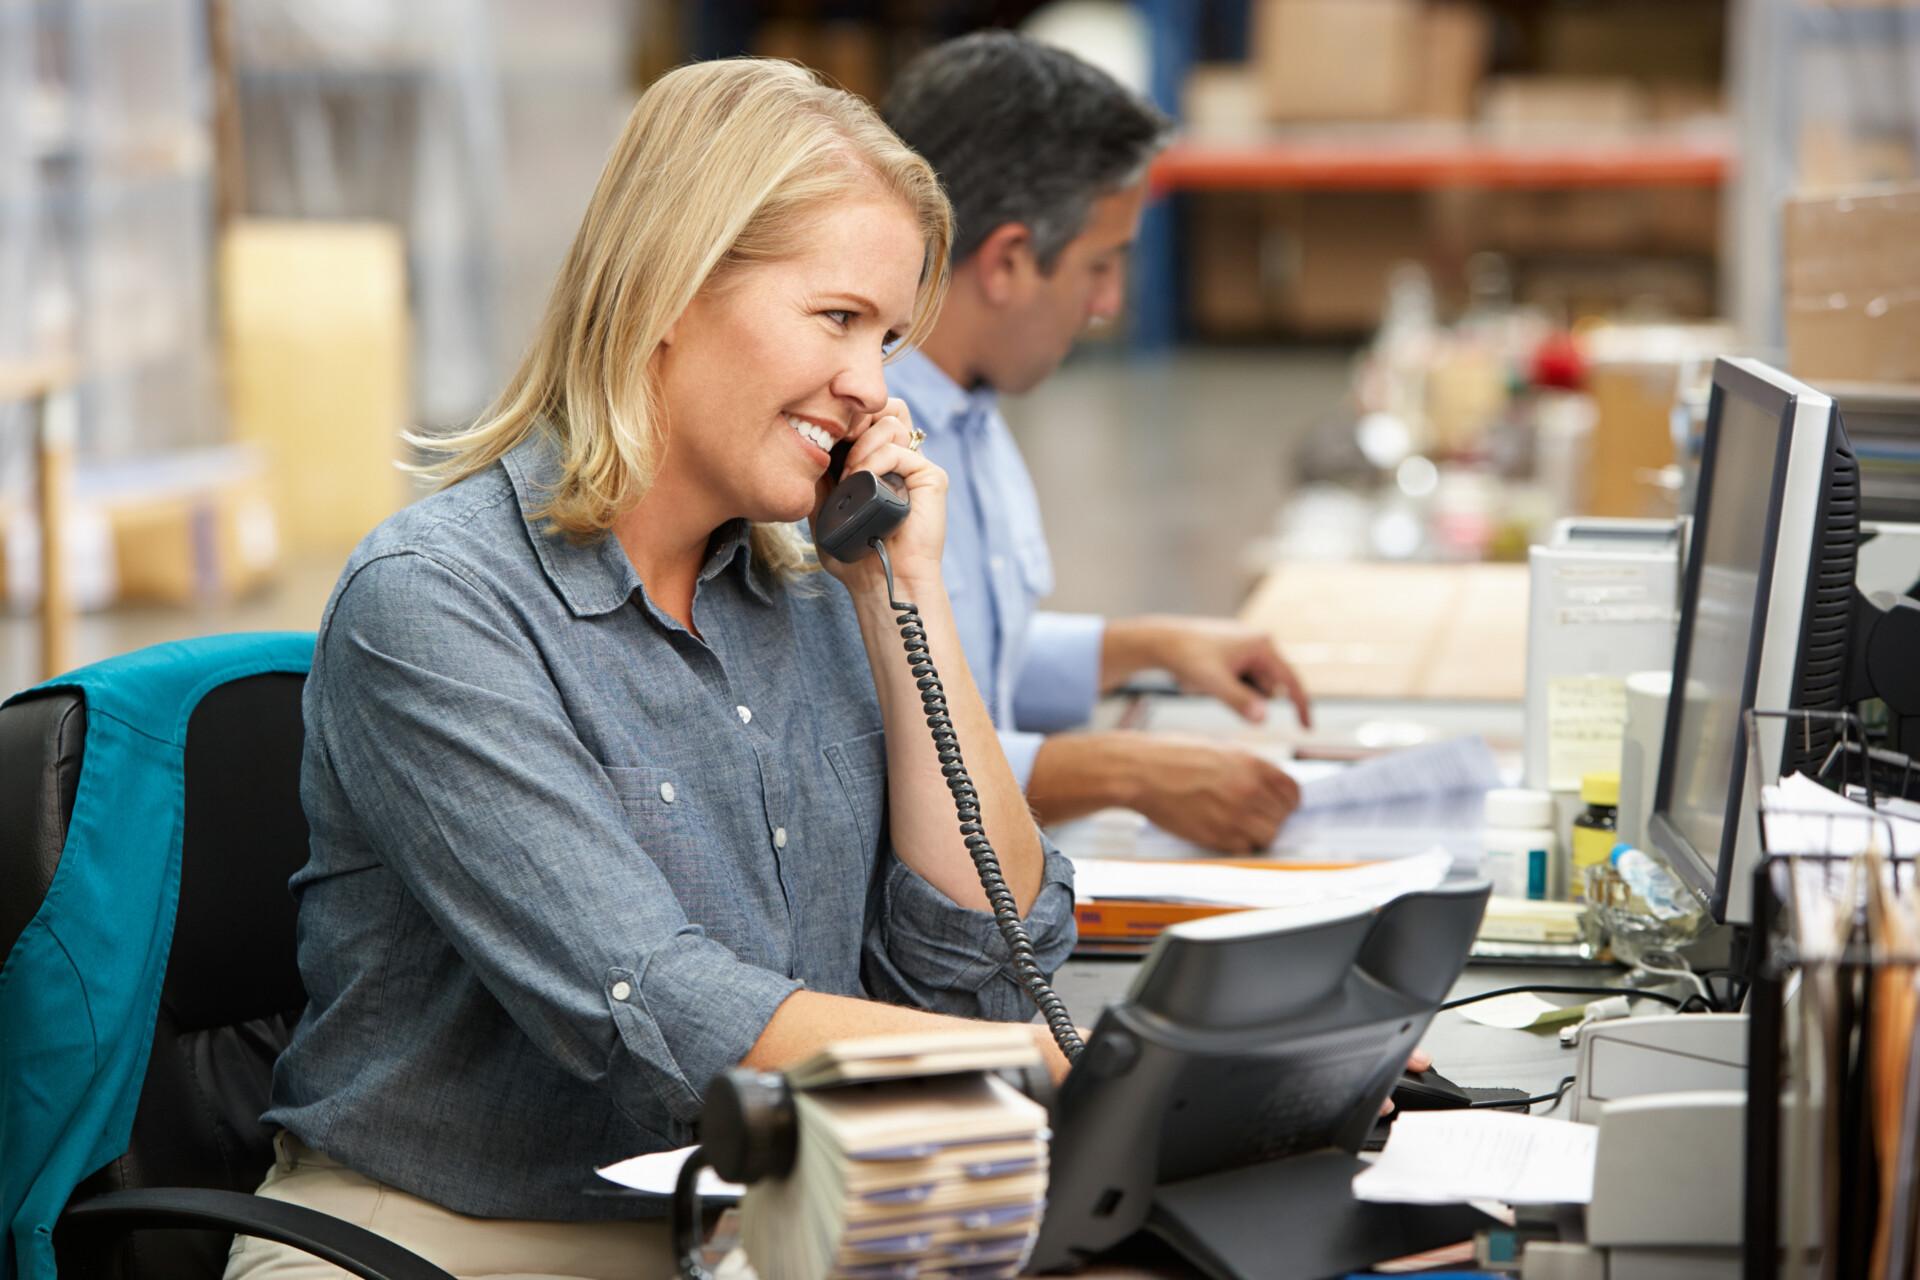 BRISANT – Reklamationen und Beschwerden lösen durch professionellen Kundenservice